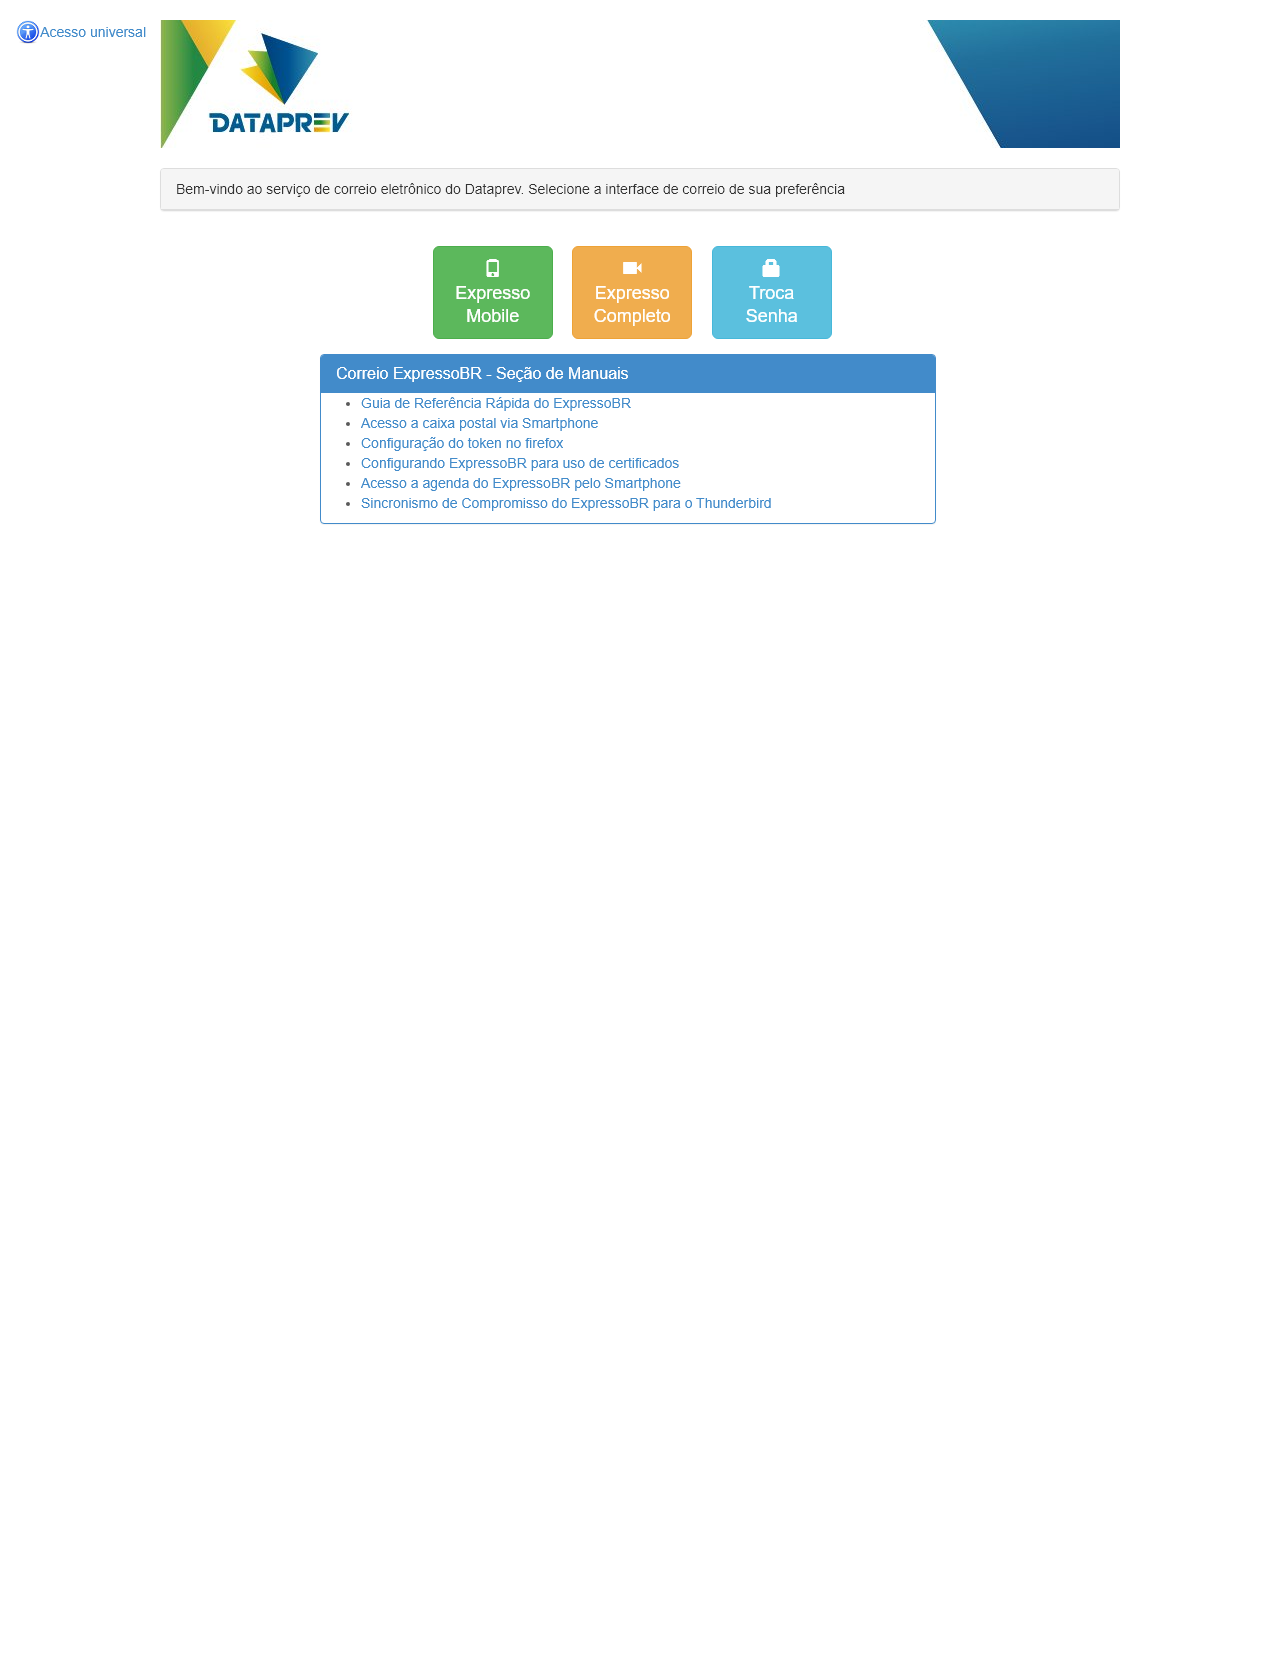 Screenshot Desktop - https://correio.datapras.com.br/